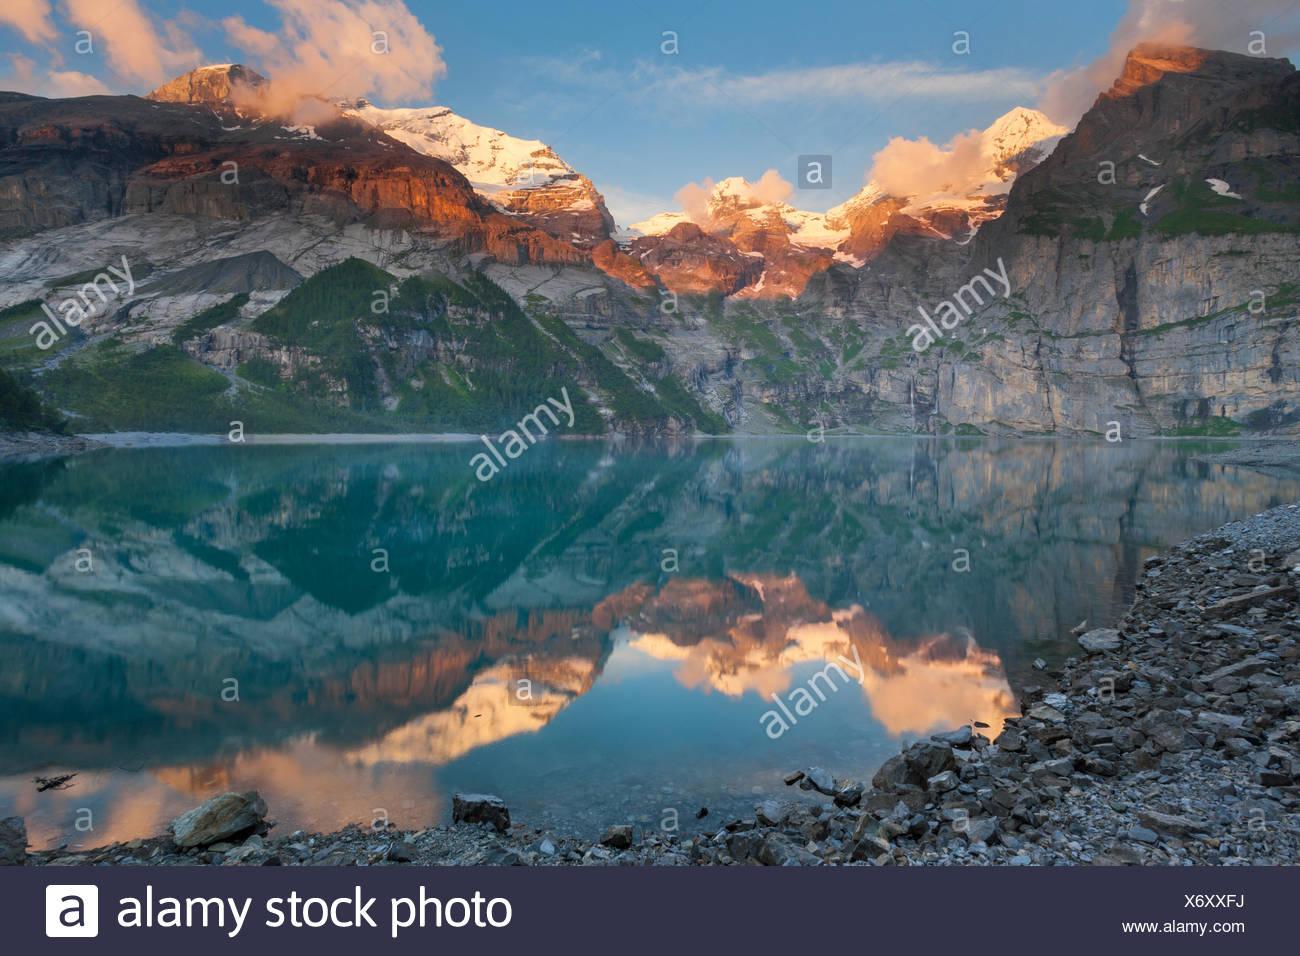 Lago de Oeschinen, Suiza, Europa, cantón de Berna, en el Oberland Bernés Kandertal, lago de montaña, el lago, las montañas, la reflexión, el EV Imagen De Stock